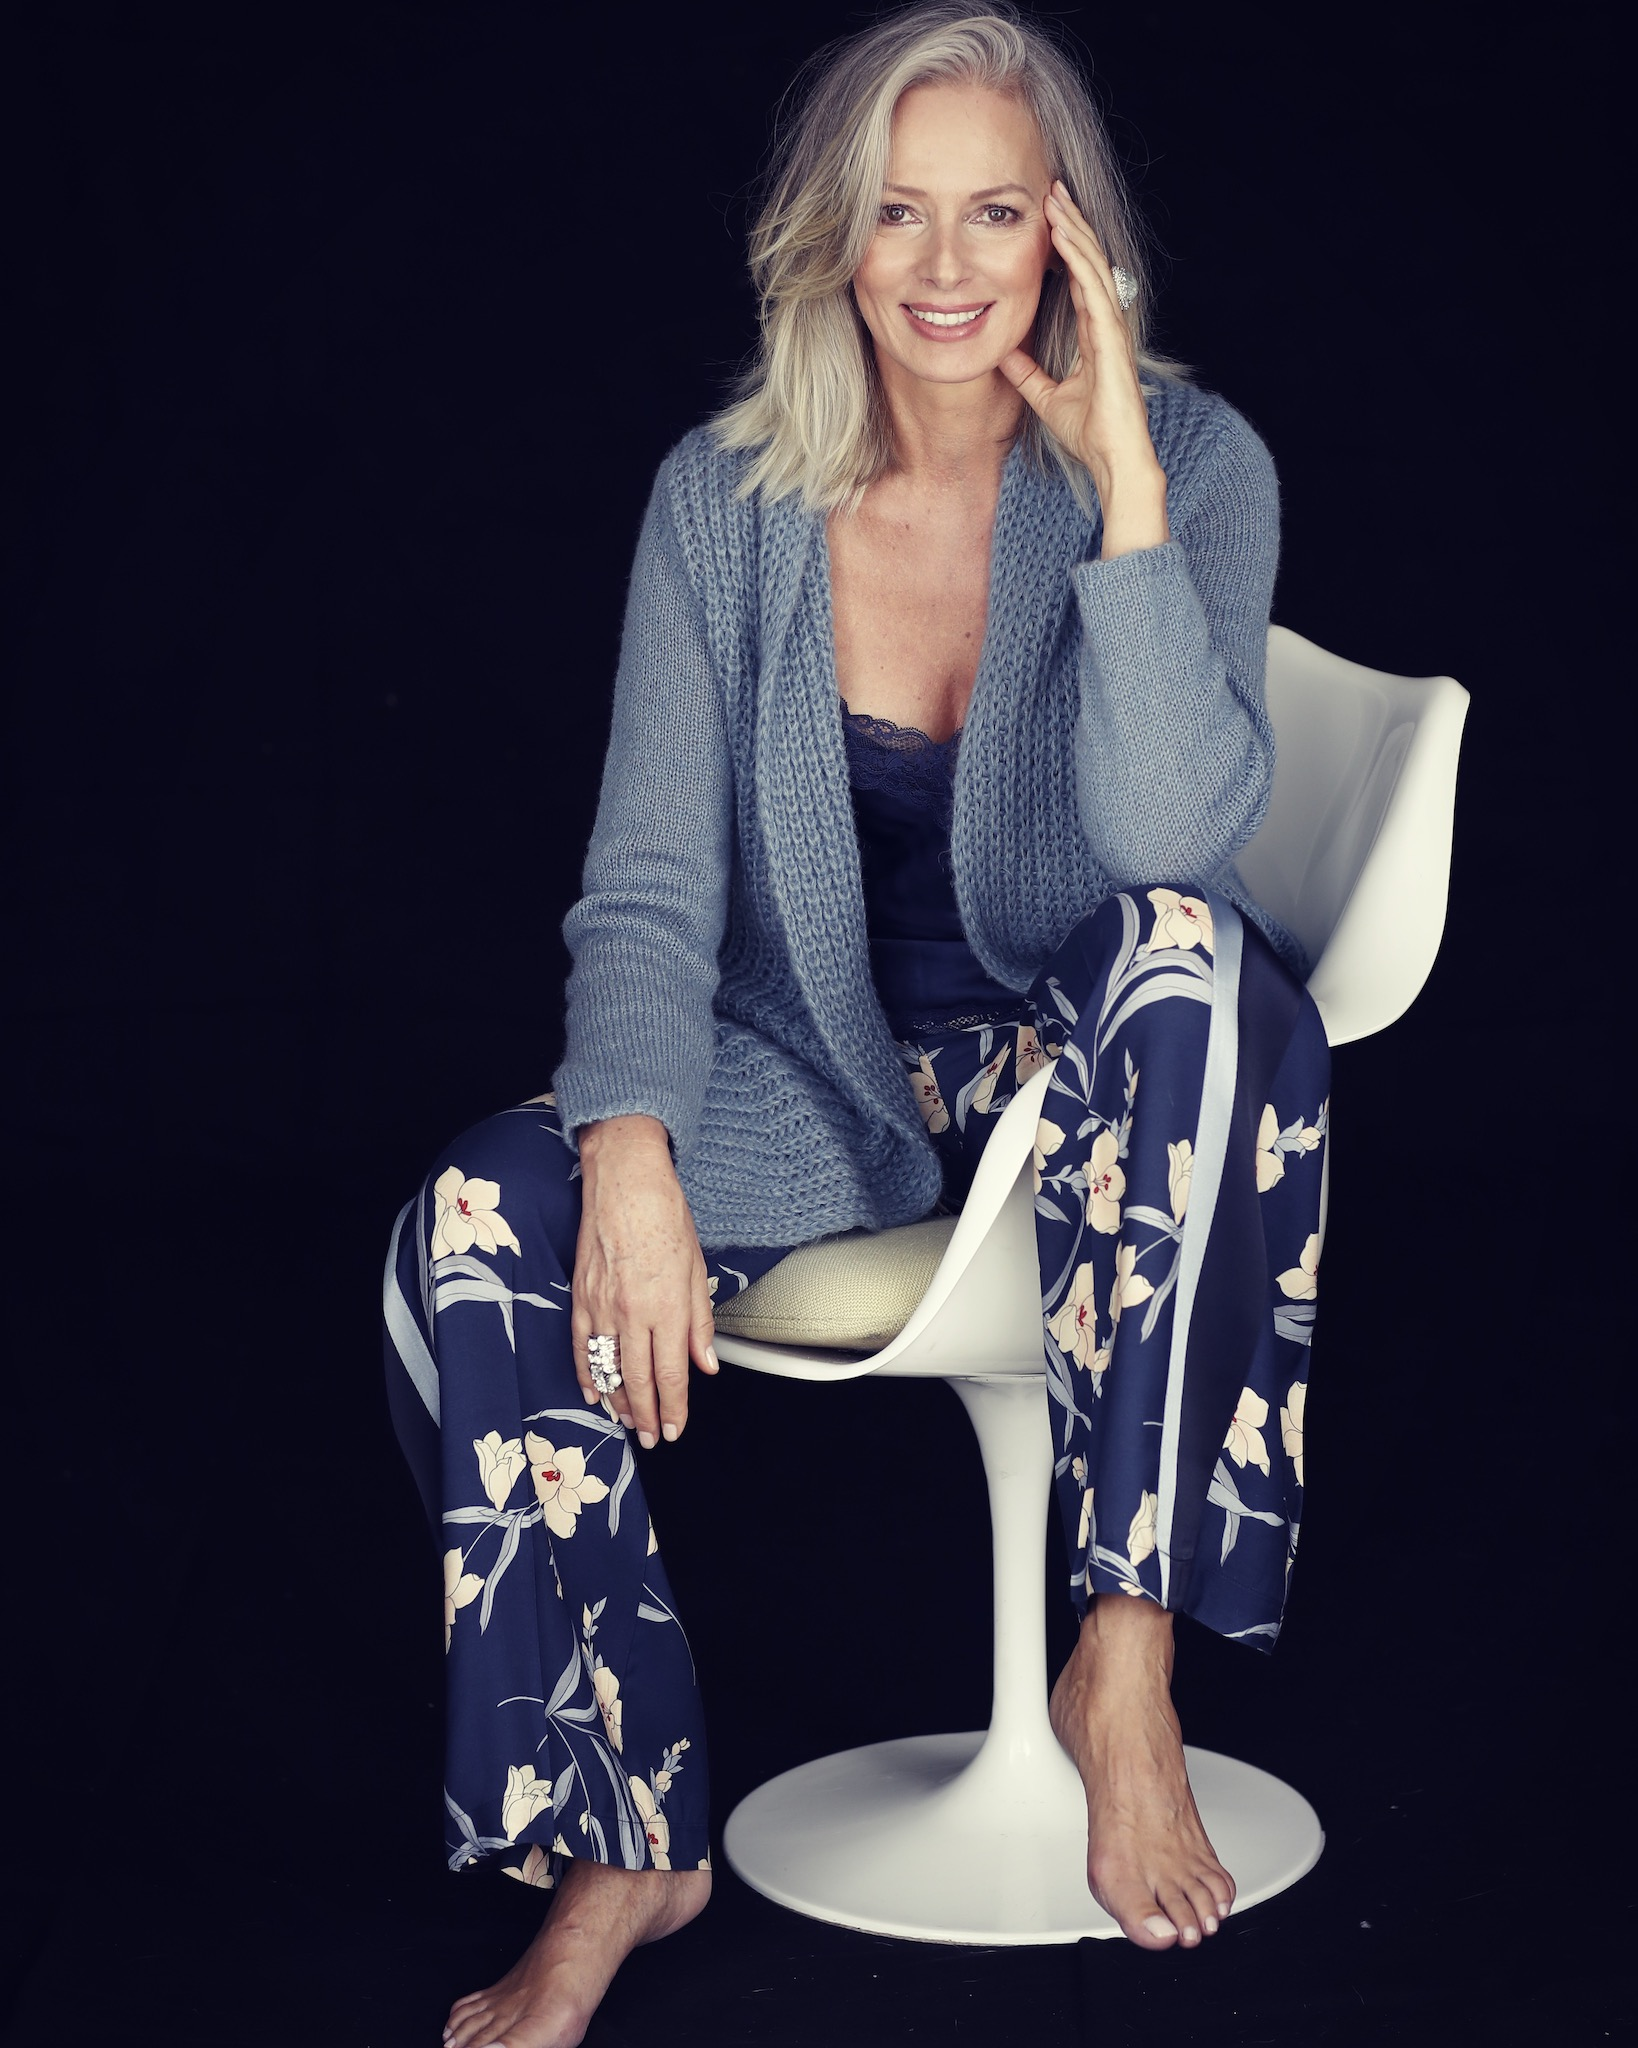 Petra van Bremen Model über 50, Petra van Bremens Stil, Model mit über 50, Fashion-Blog, Lieblingsstil.com,